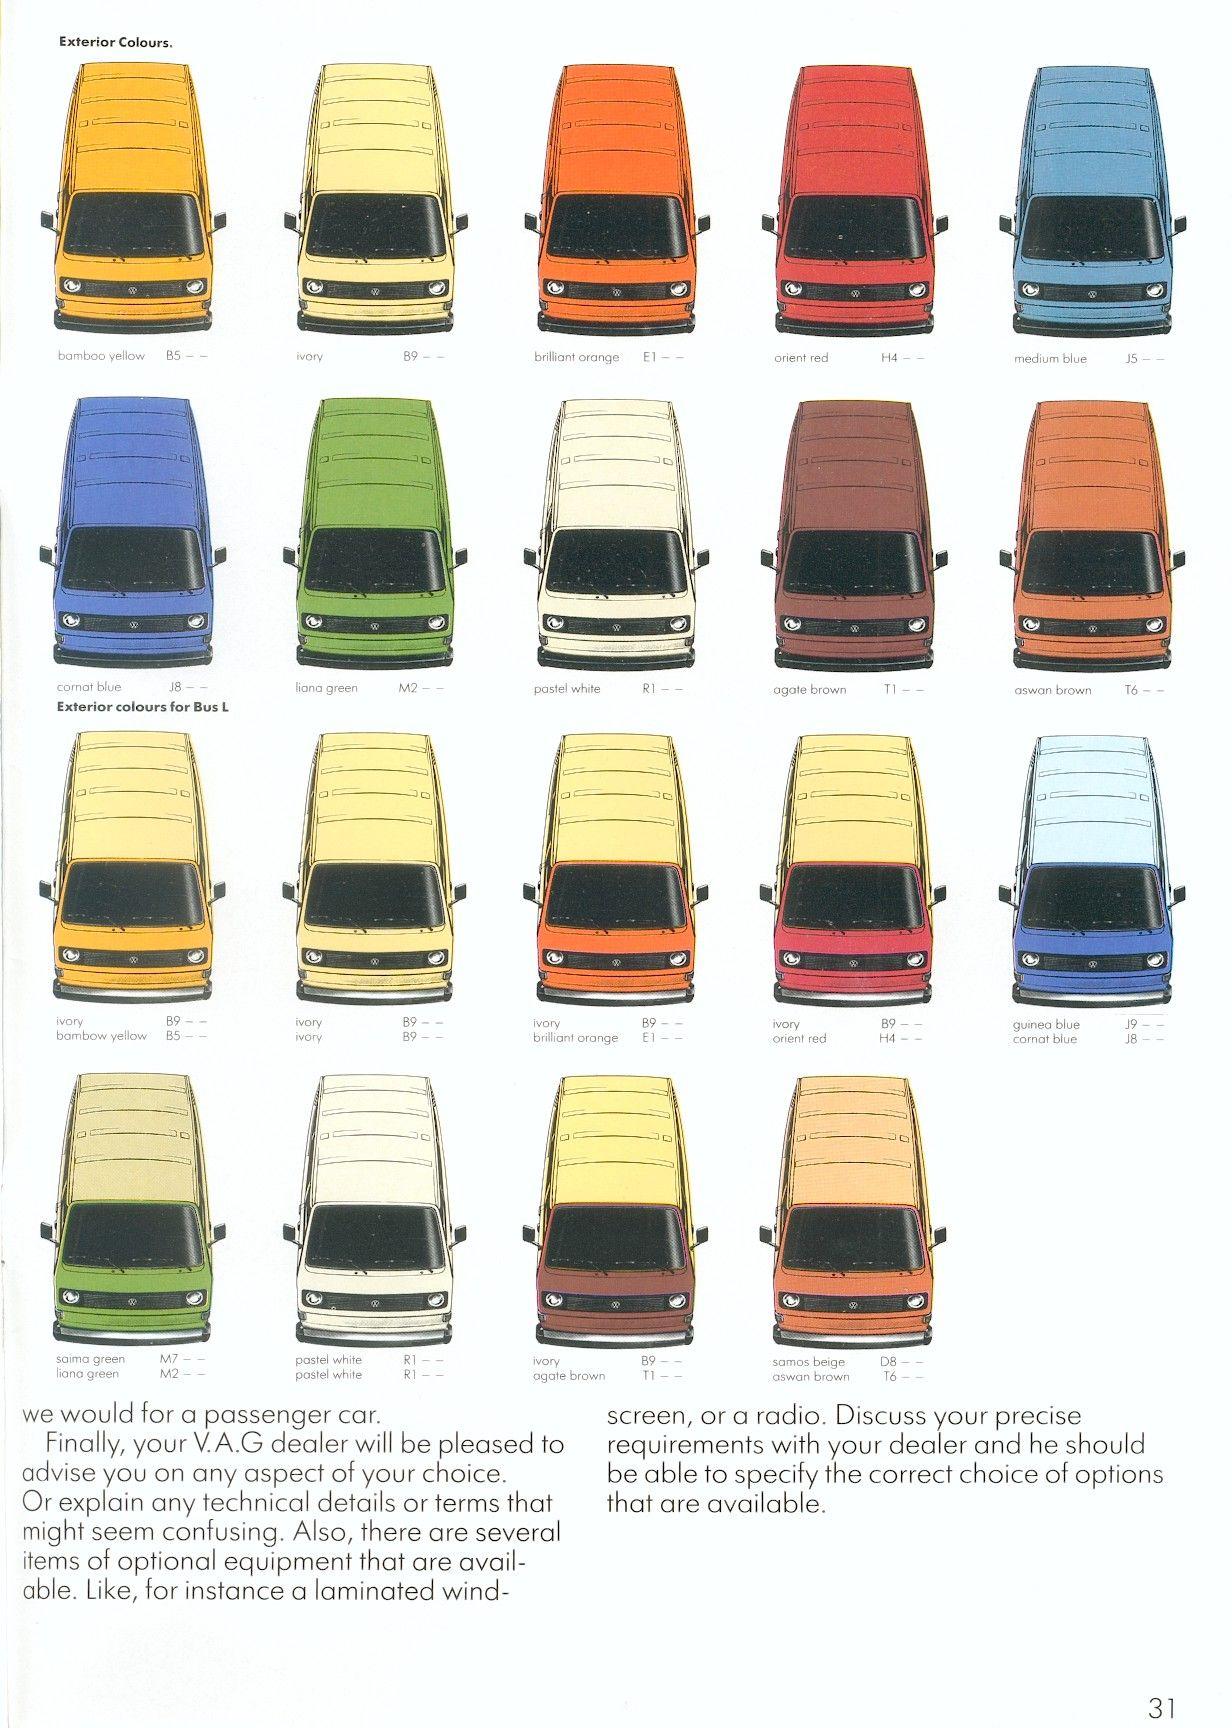 Paint t25 paint codes / colour chips - VW Forum - VZi, Europe's